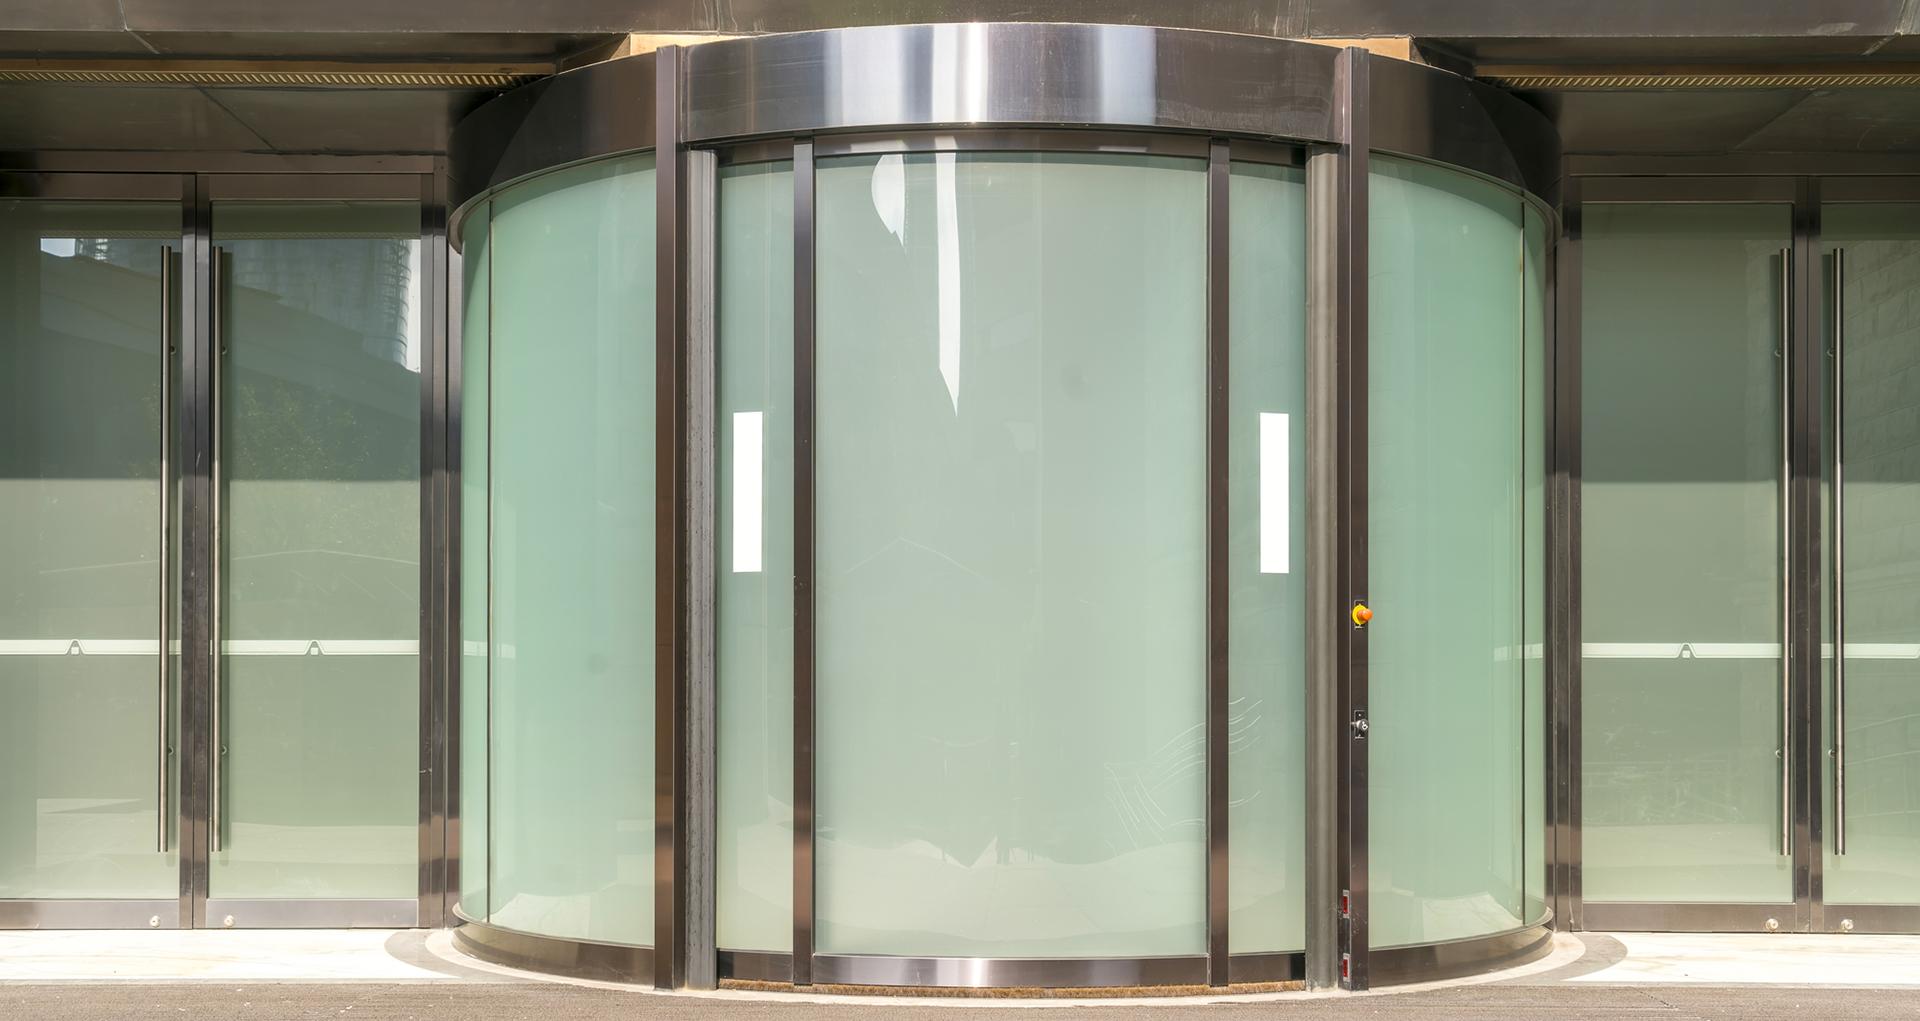 البوابات الفوتوسيل الزجاج والدوارة